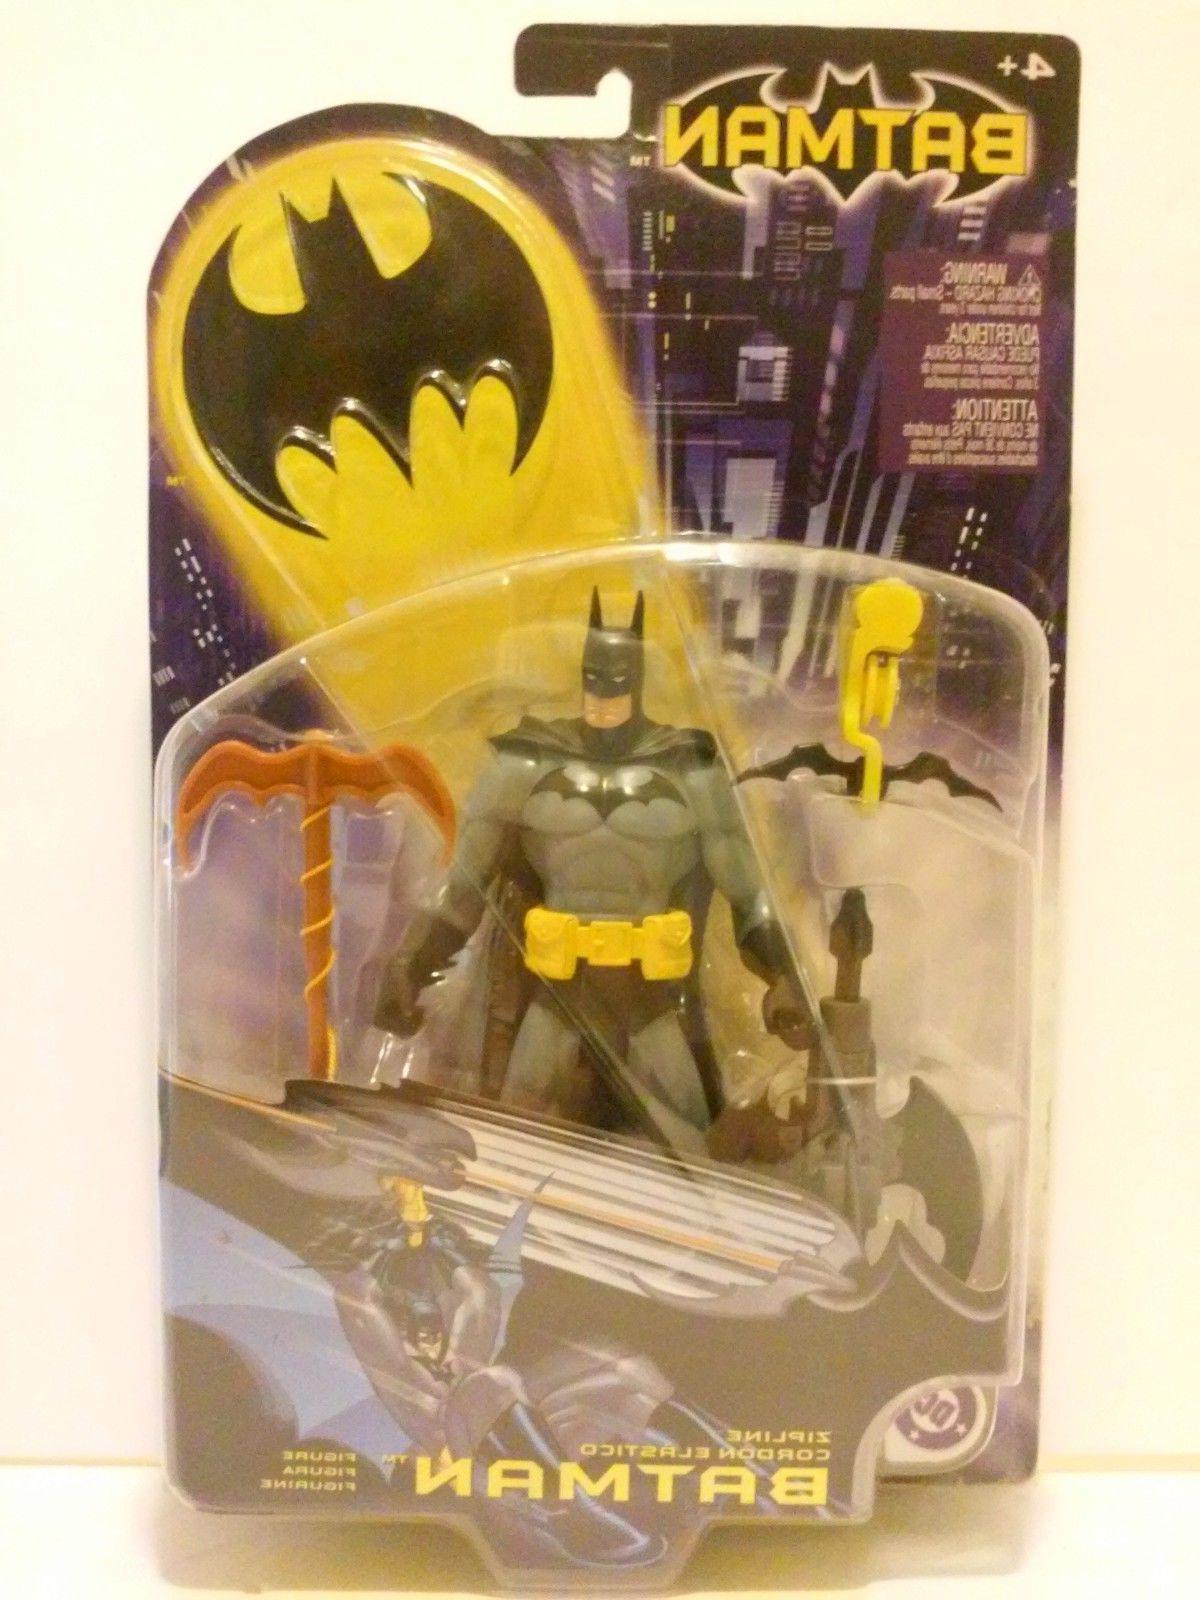 Mattel - Zipline Batman Action Figure - 2003 DC Comics New S